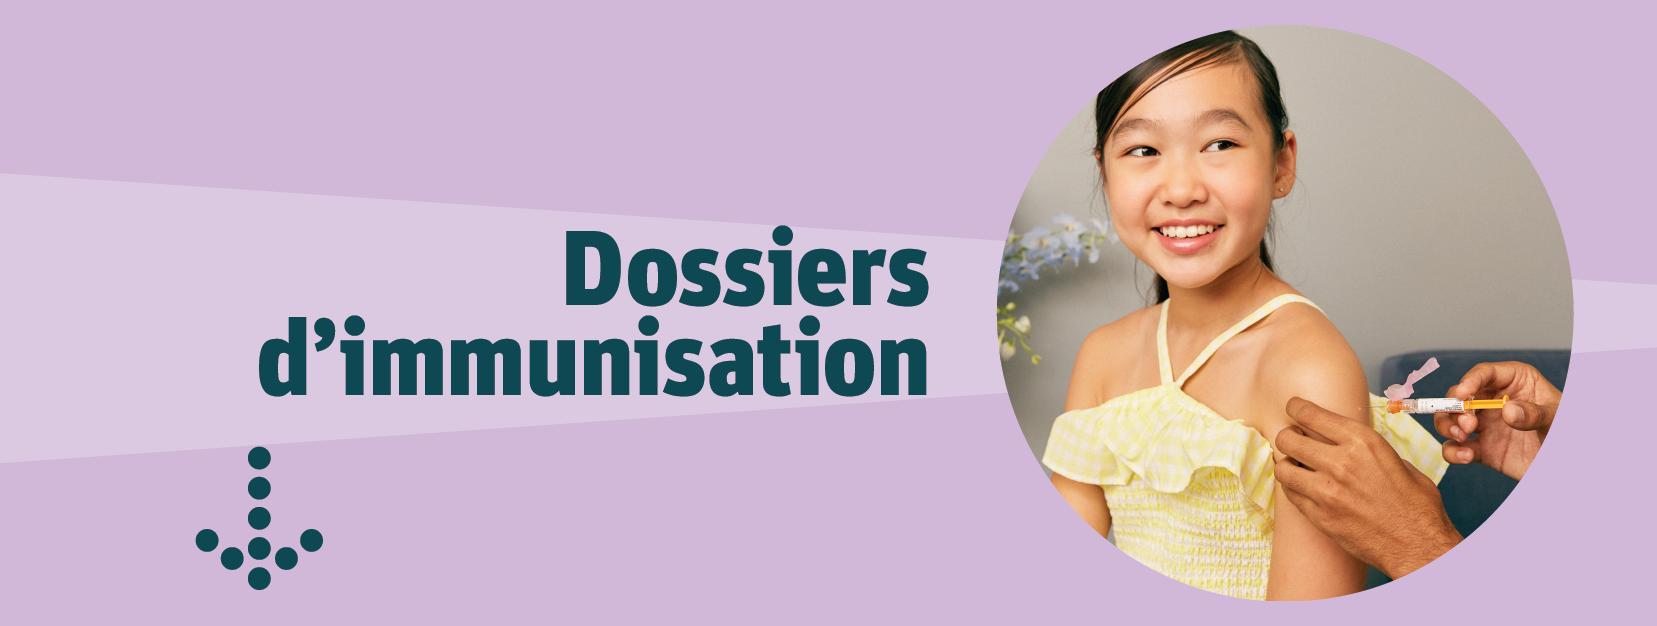 Dossiers d'immunisation